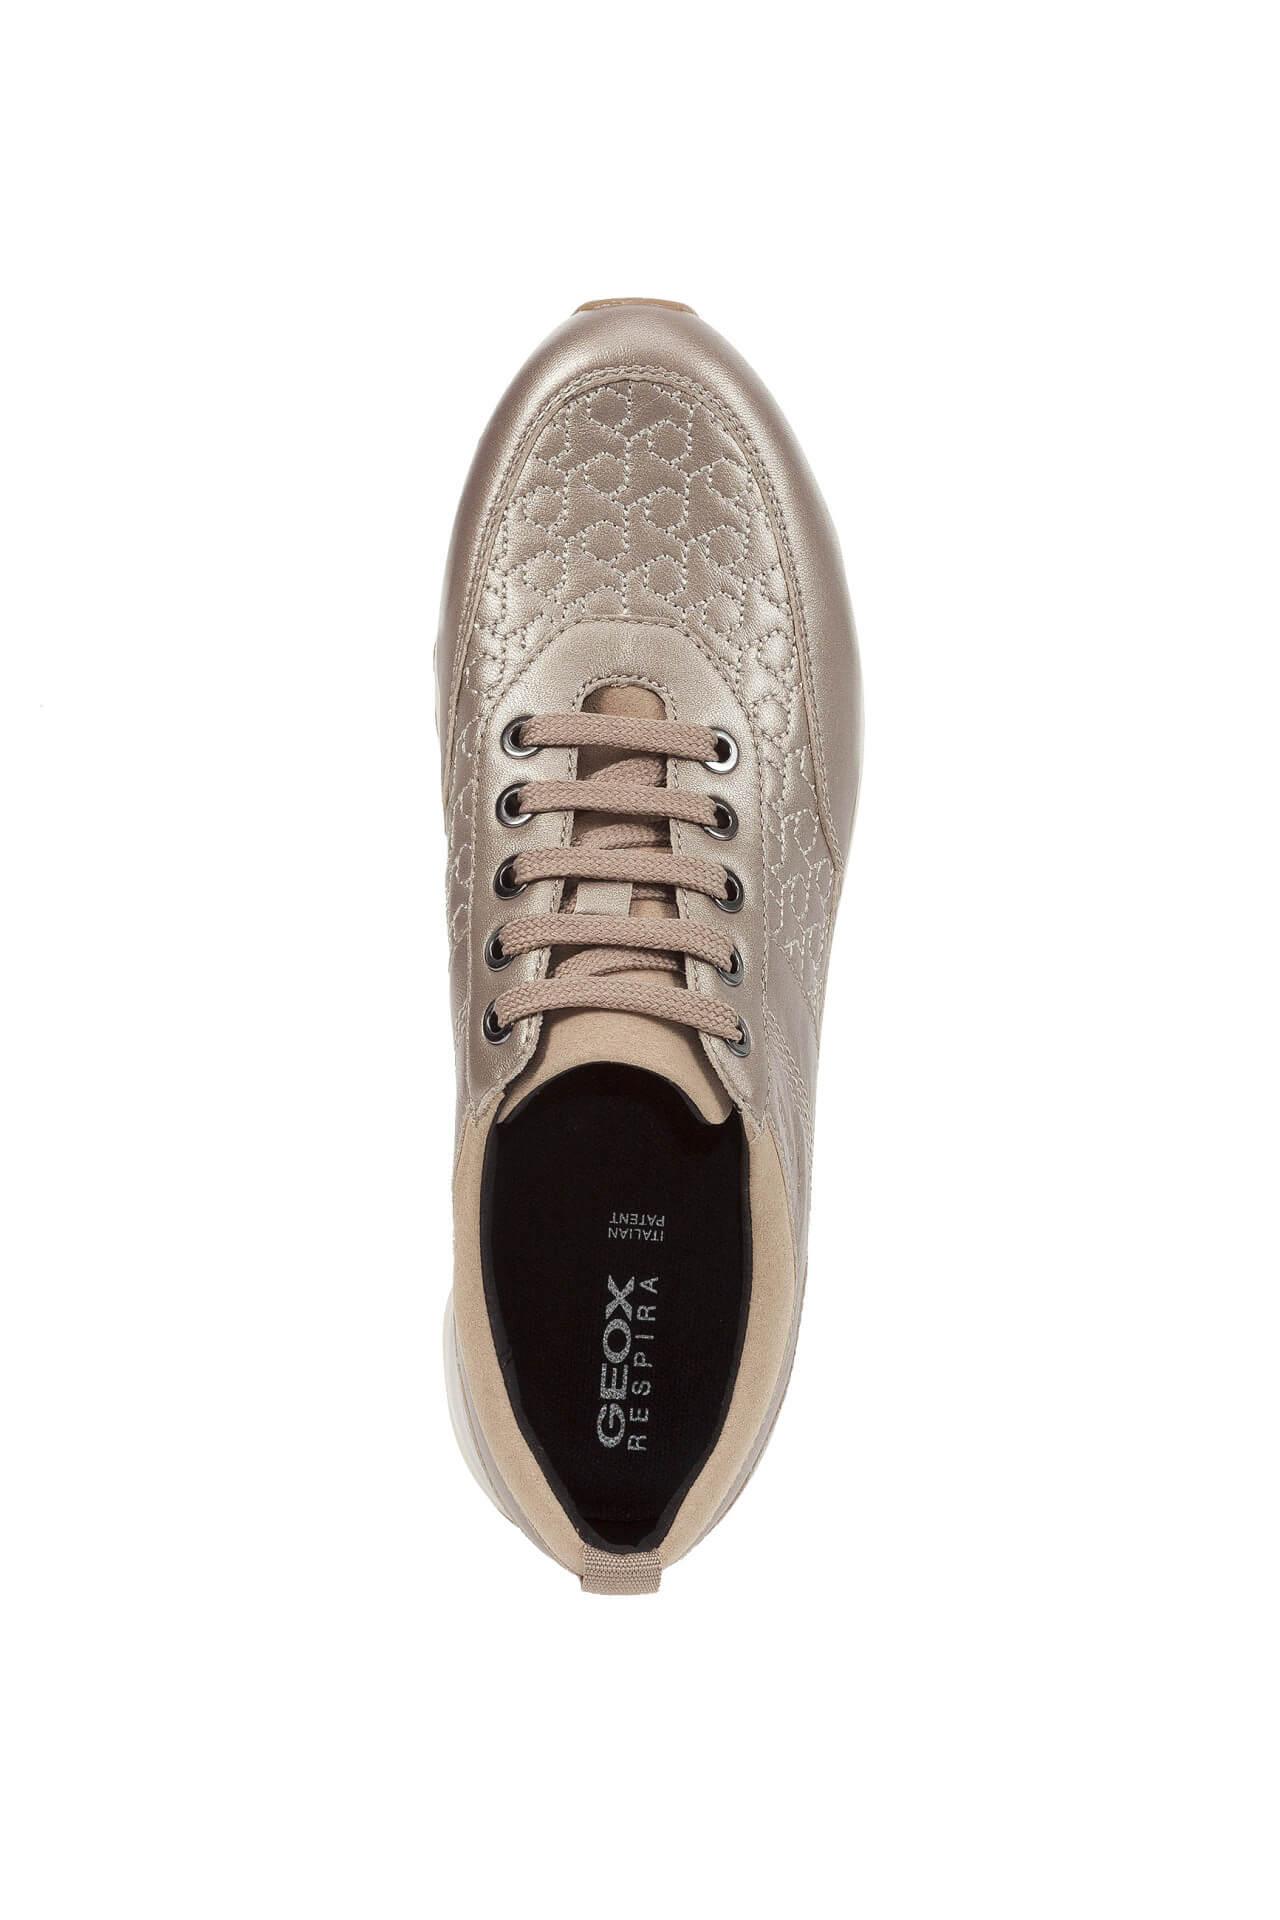 Geox Női cipő Tabelya B Champagne D84AQB-000BV-CB500 Akcióban. Előző   Következő   094ee3a103